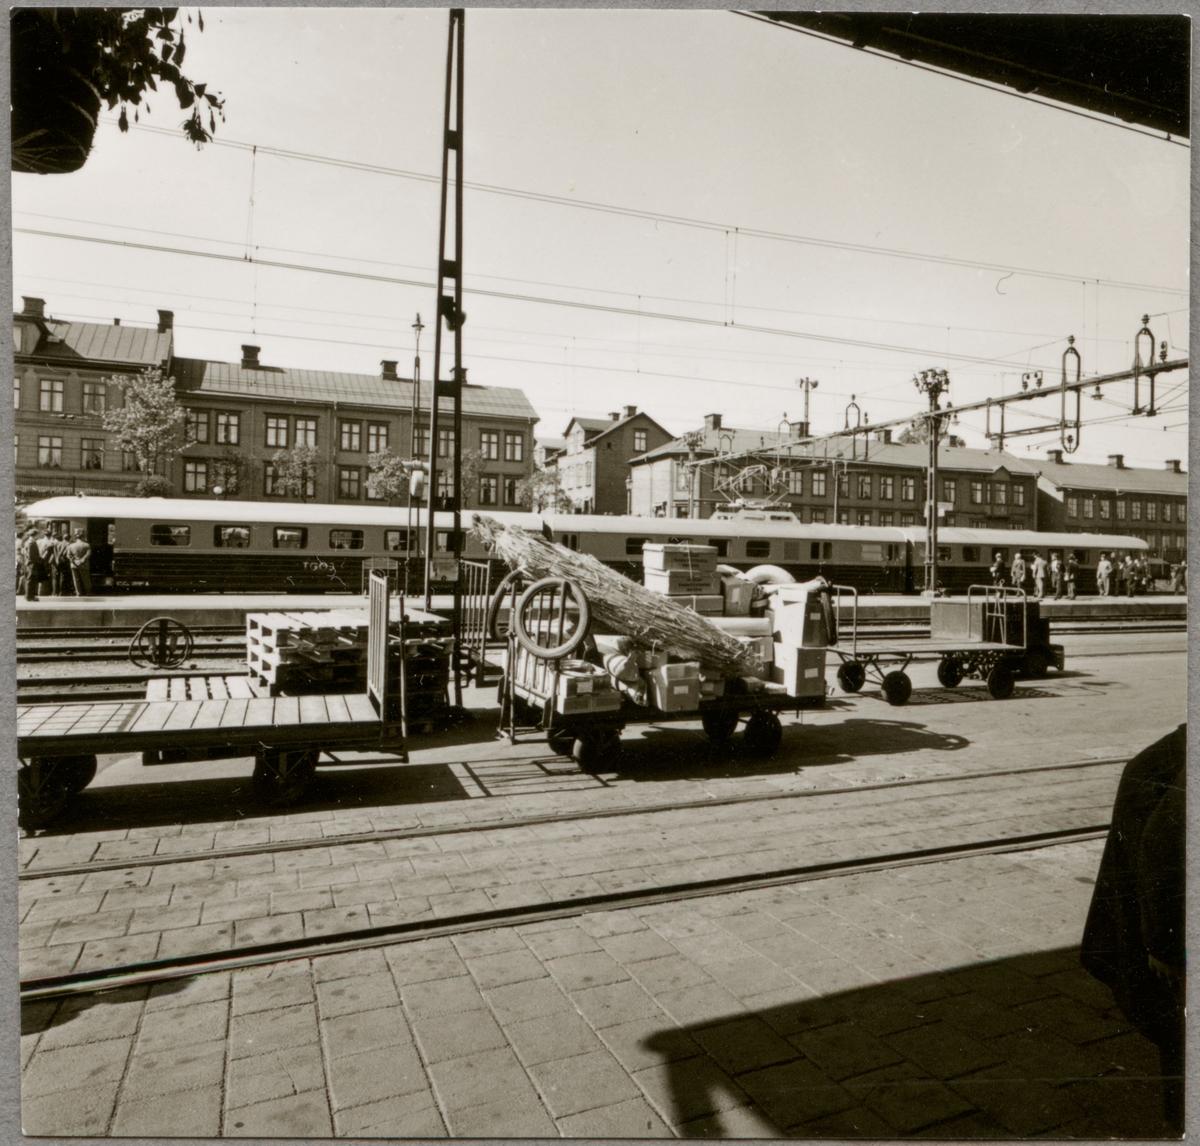 Från Trafikaktiebolaget Grängesberg - Oxelösunds Järnvägar, TGOJ:s styrelseresa maj 1956.